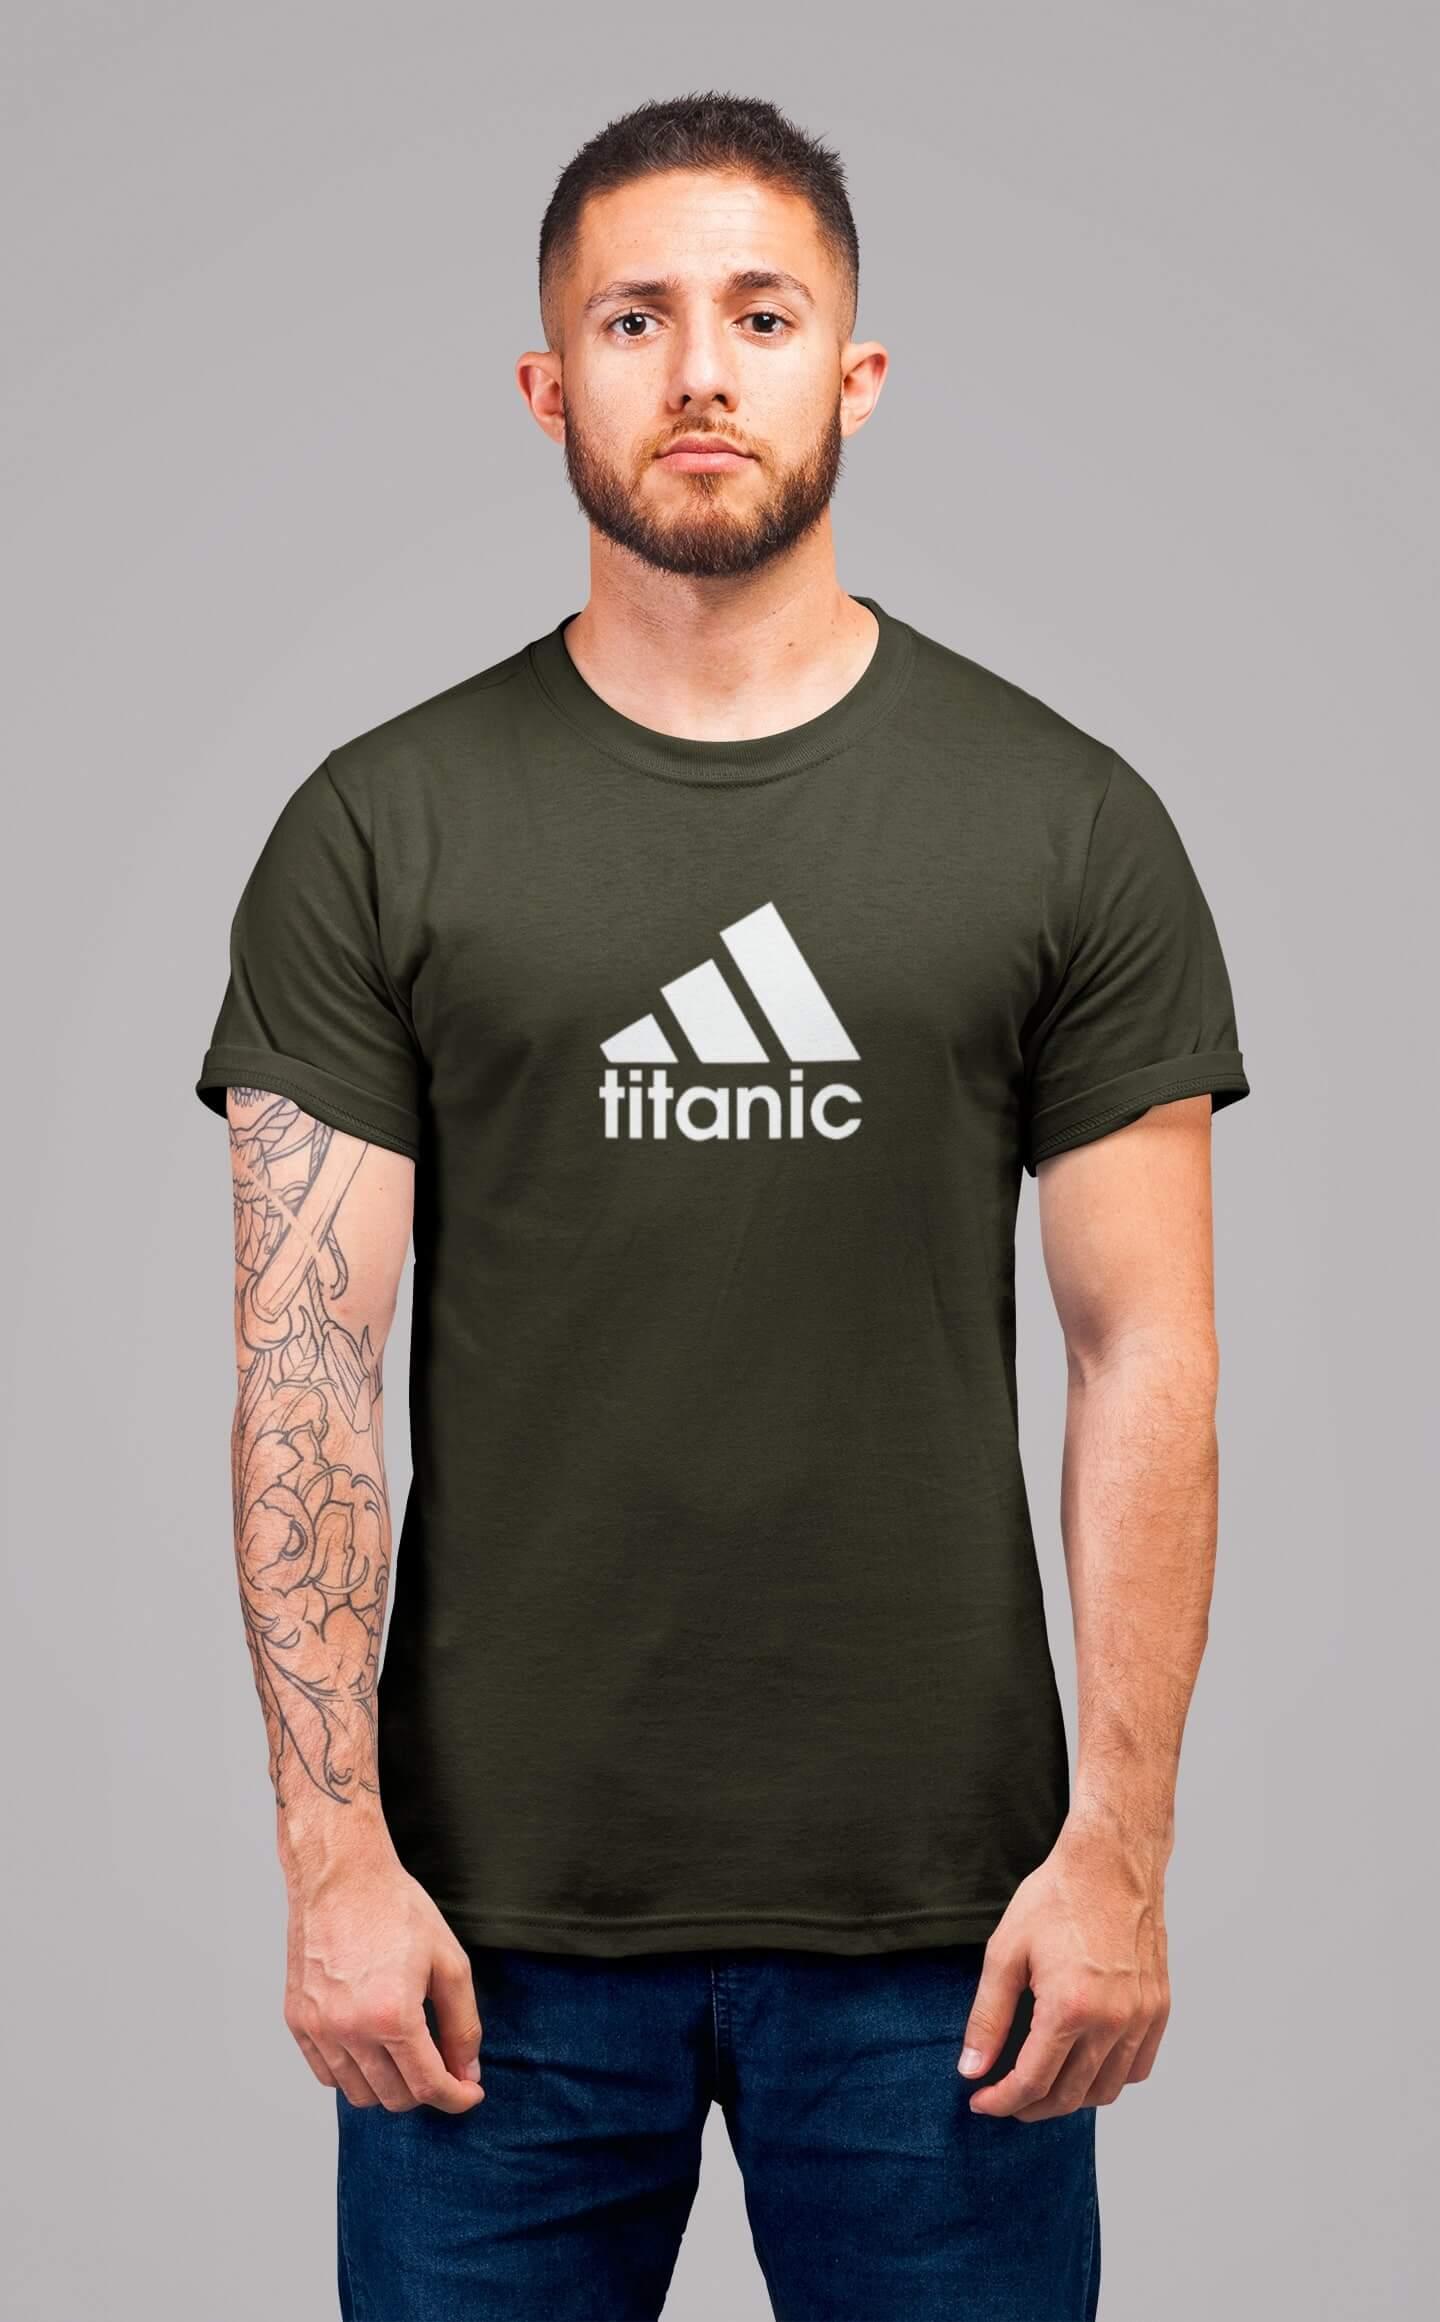 MMO Pánske tričko Titanic Vyberte farbu: Military, Vyberte veľkosť: 2XL